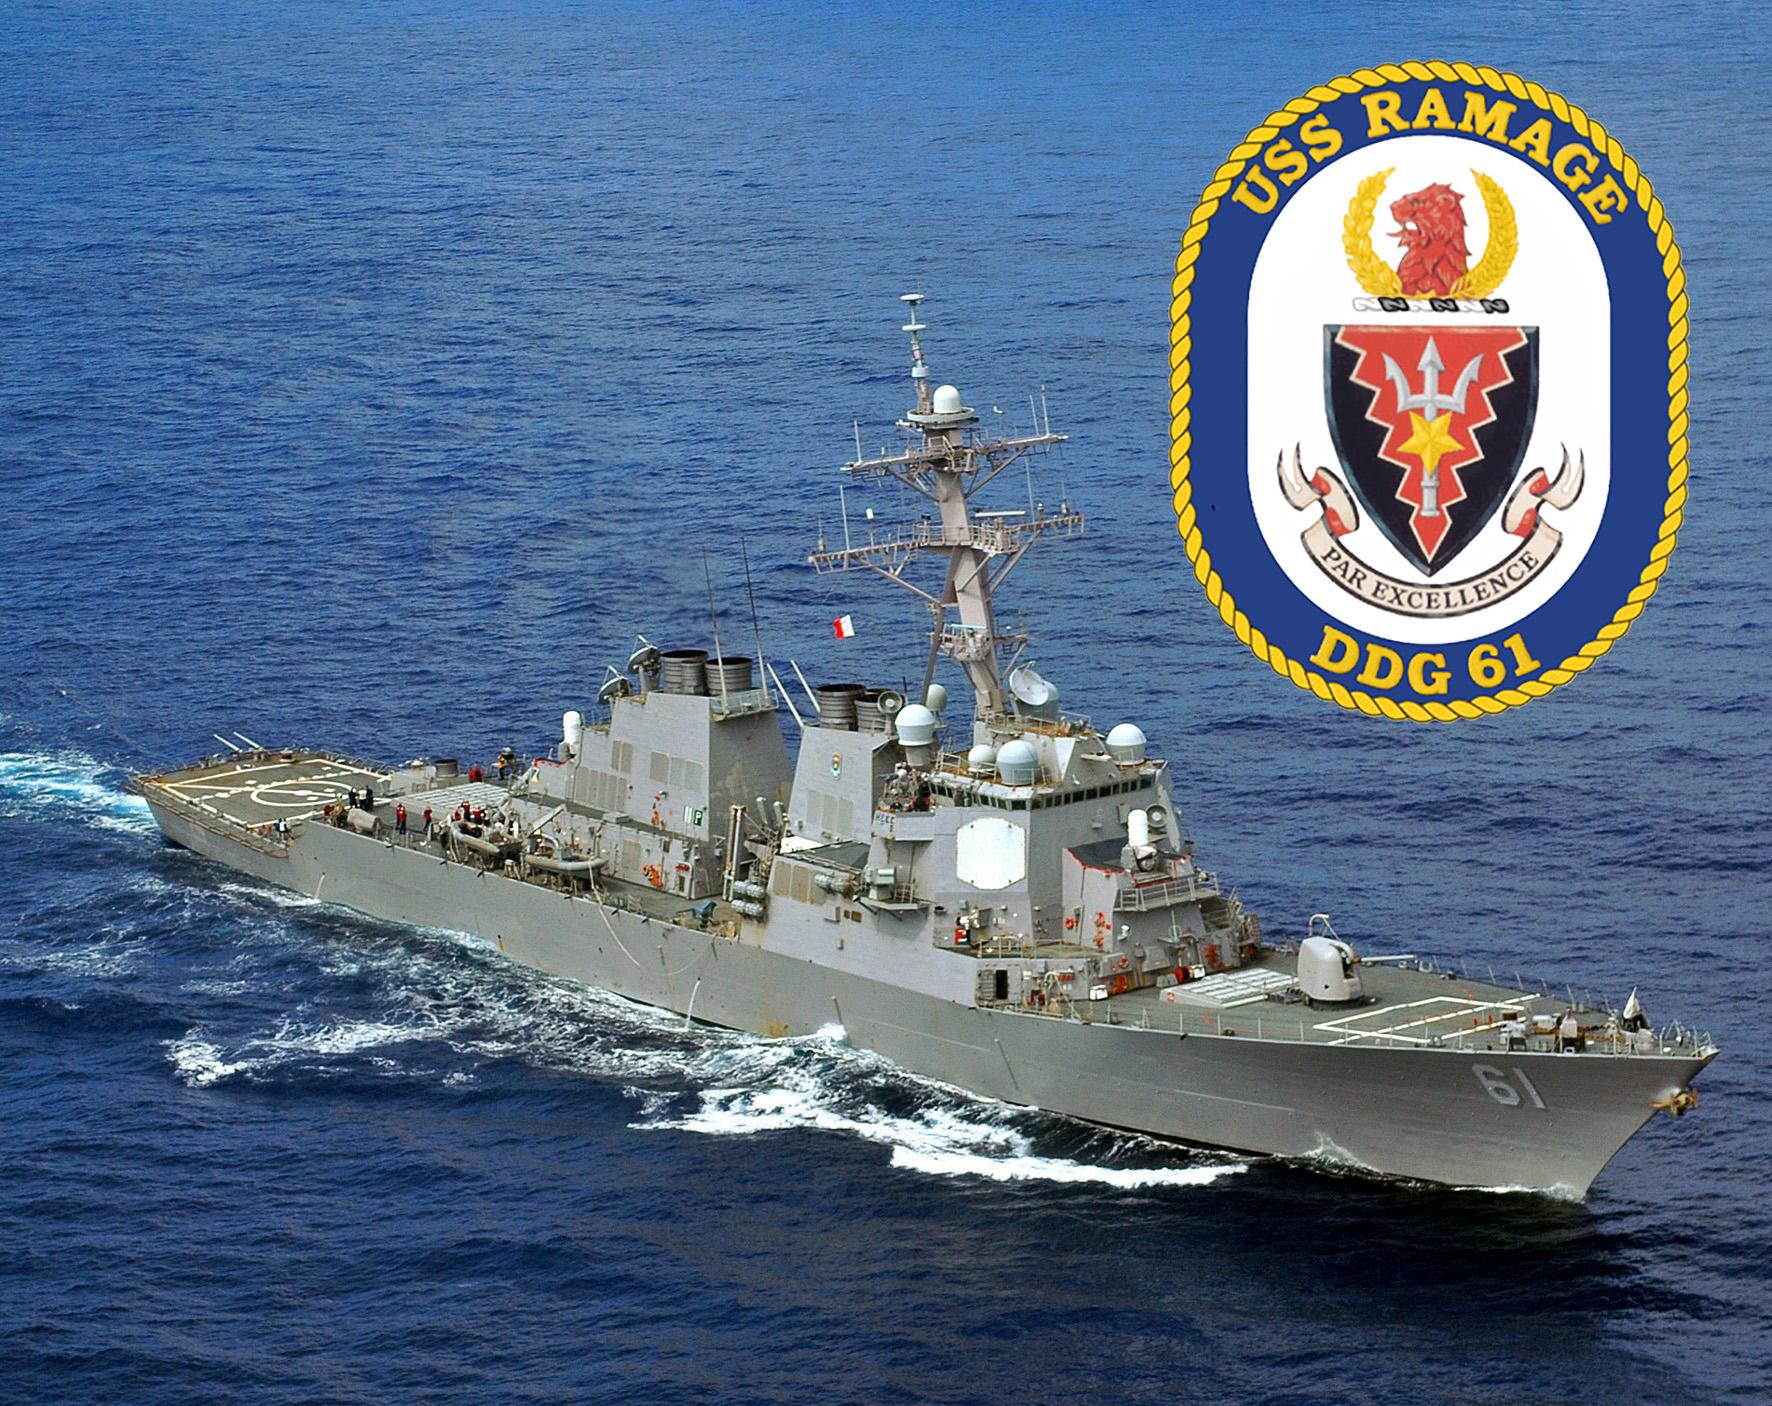 USS RAMAGE DDG-61  Bild und Grafik: U.S. Navy